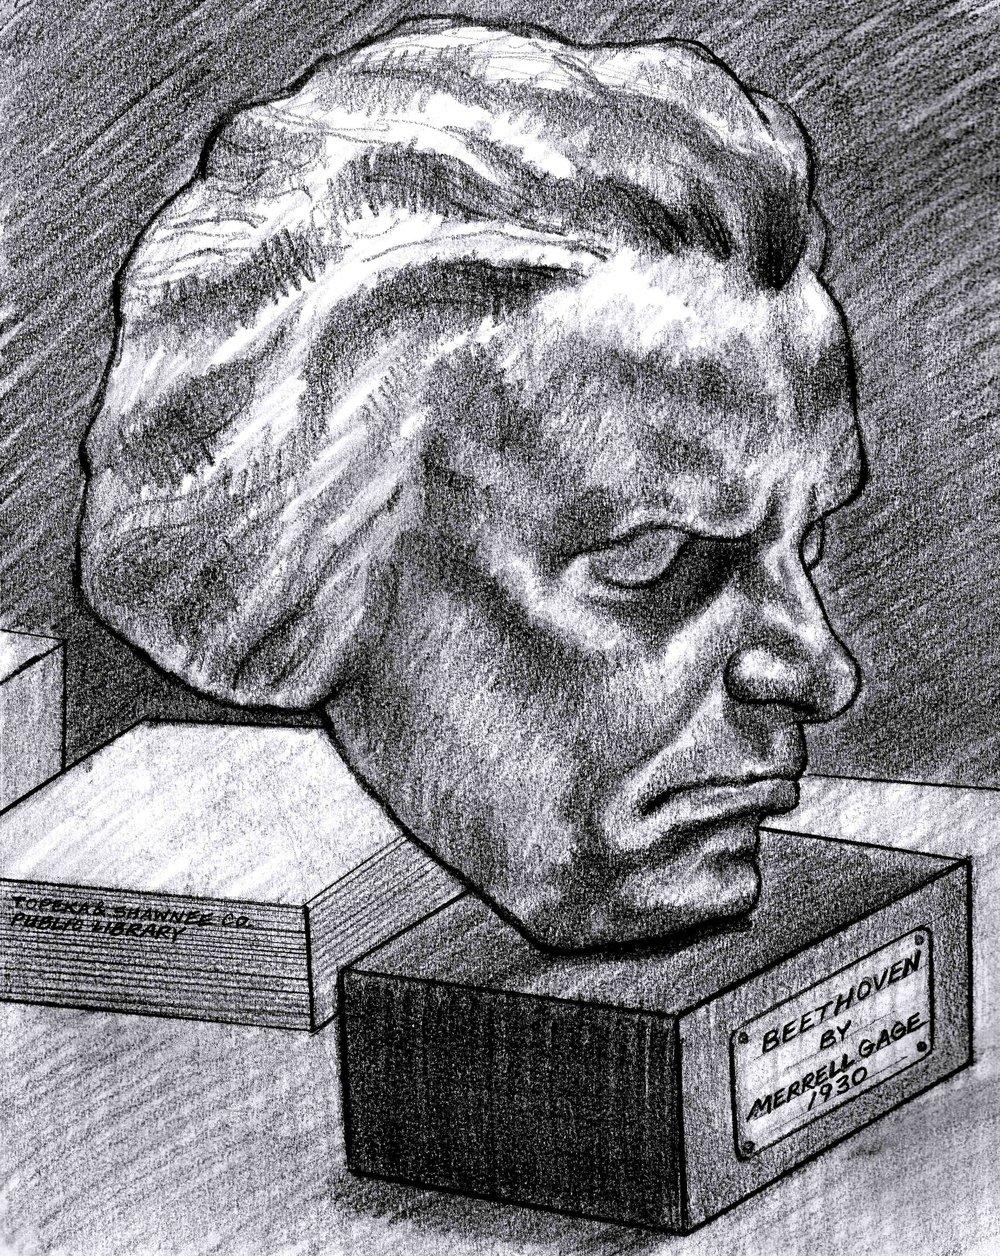 Beethoven Life Mask.jpg